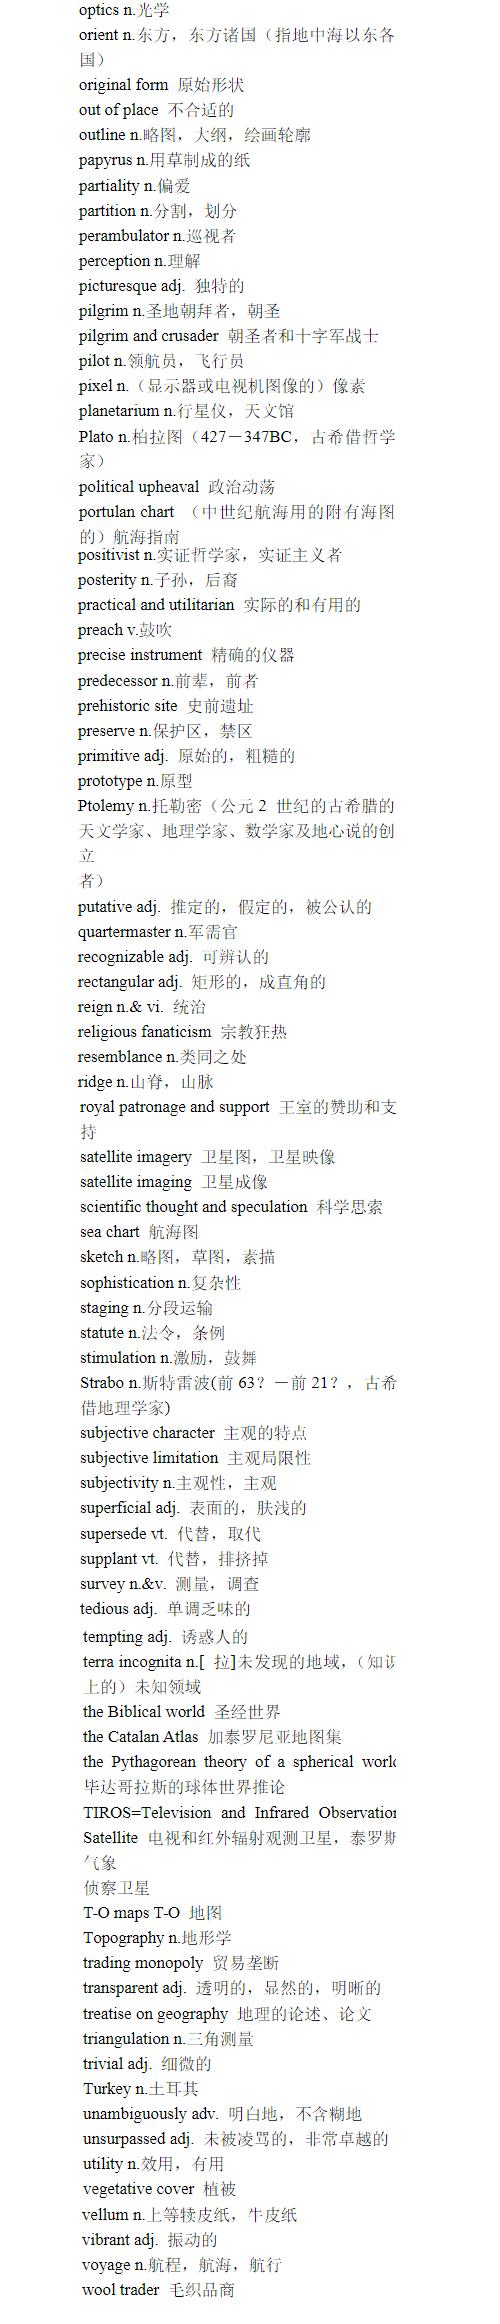 雅思阅读词汇分类——历史(五)2.png